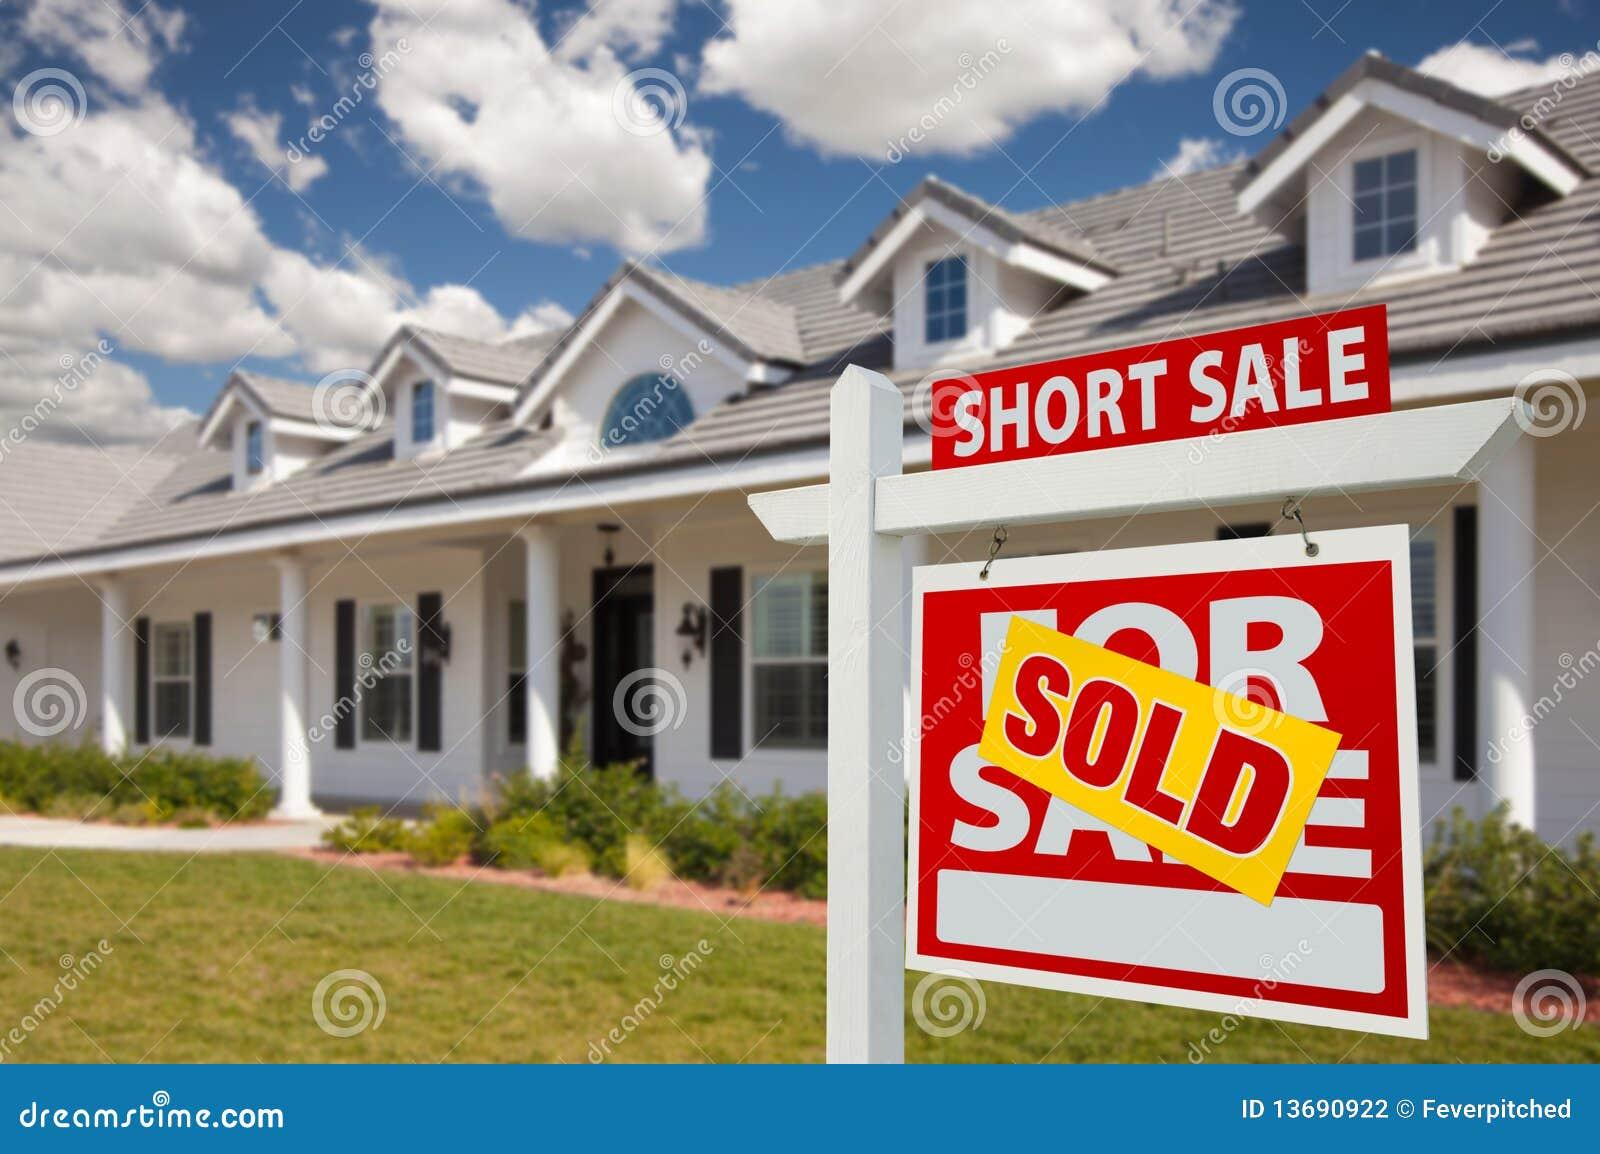 Muestra vendida y casa de las propiedades inmobiliarias de la venta corta - correctas